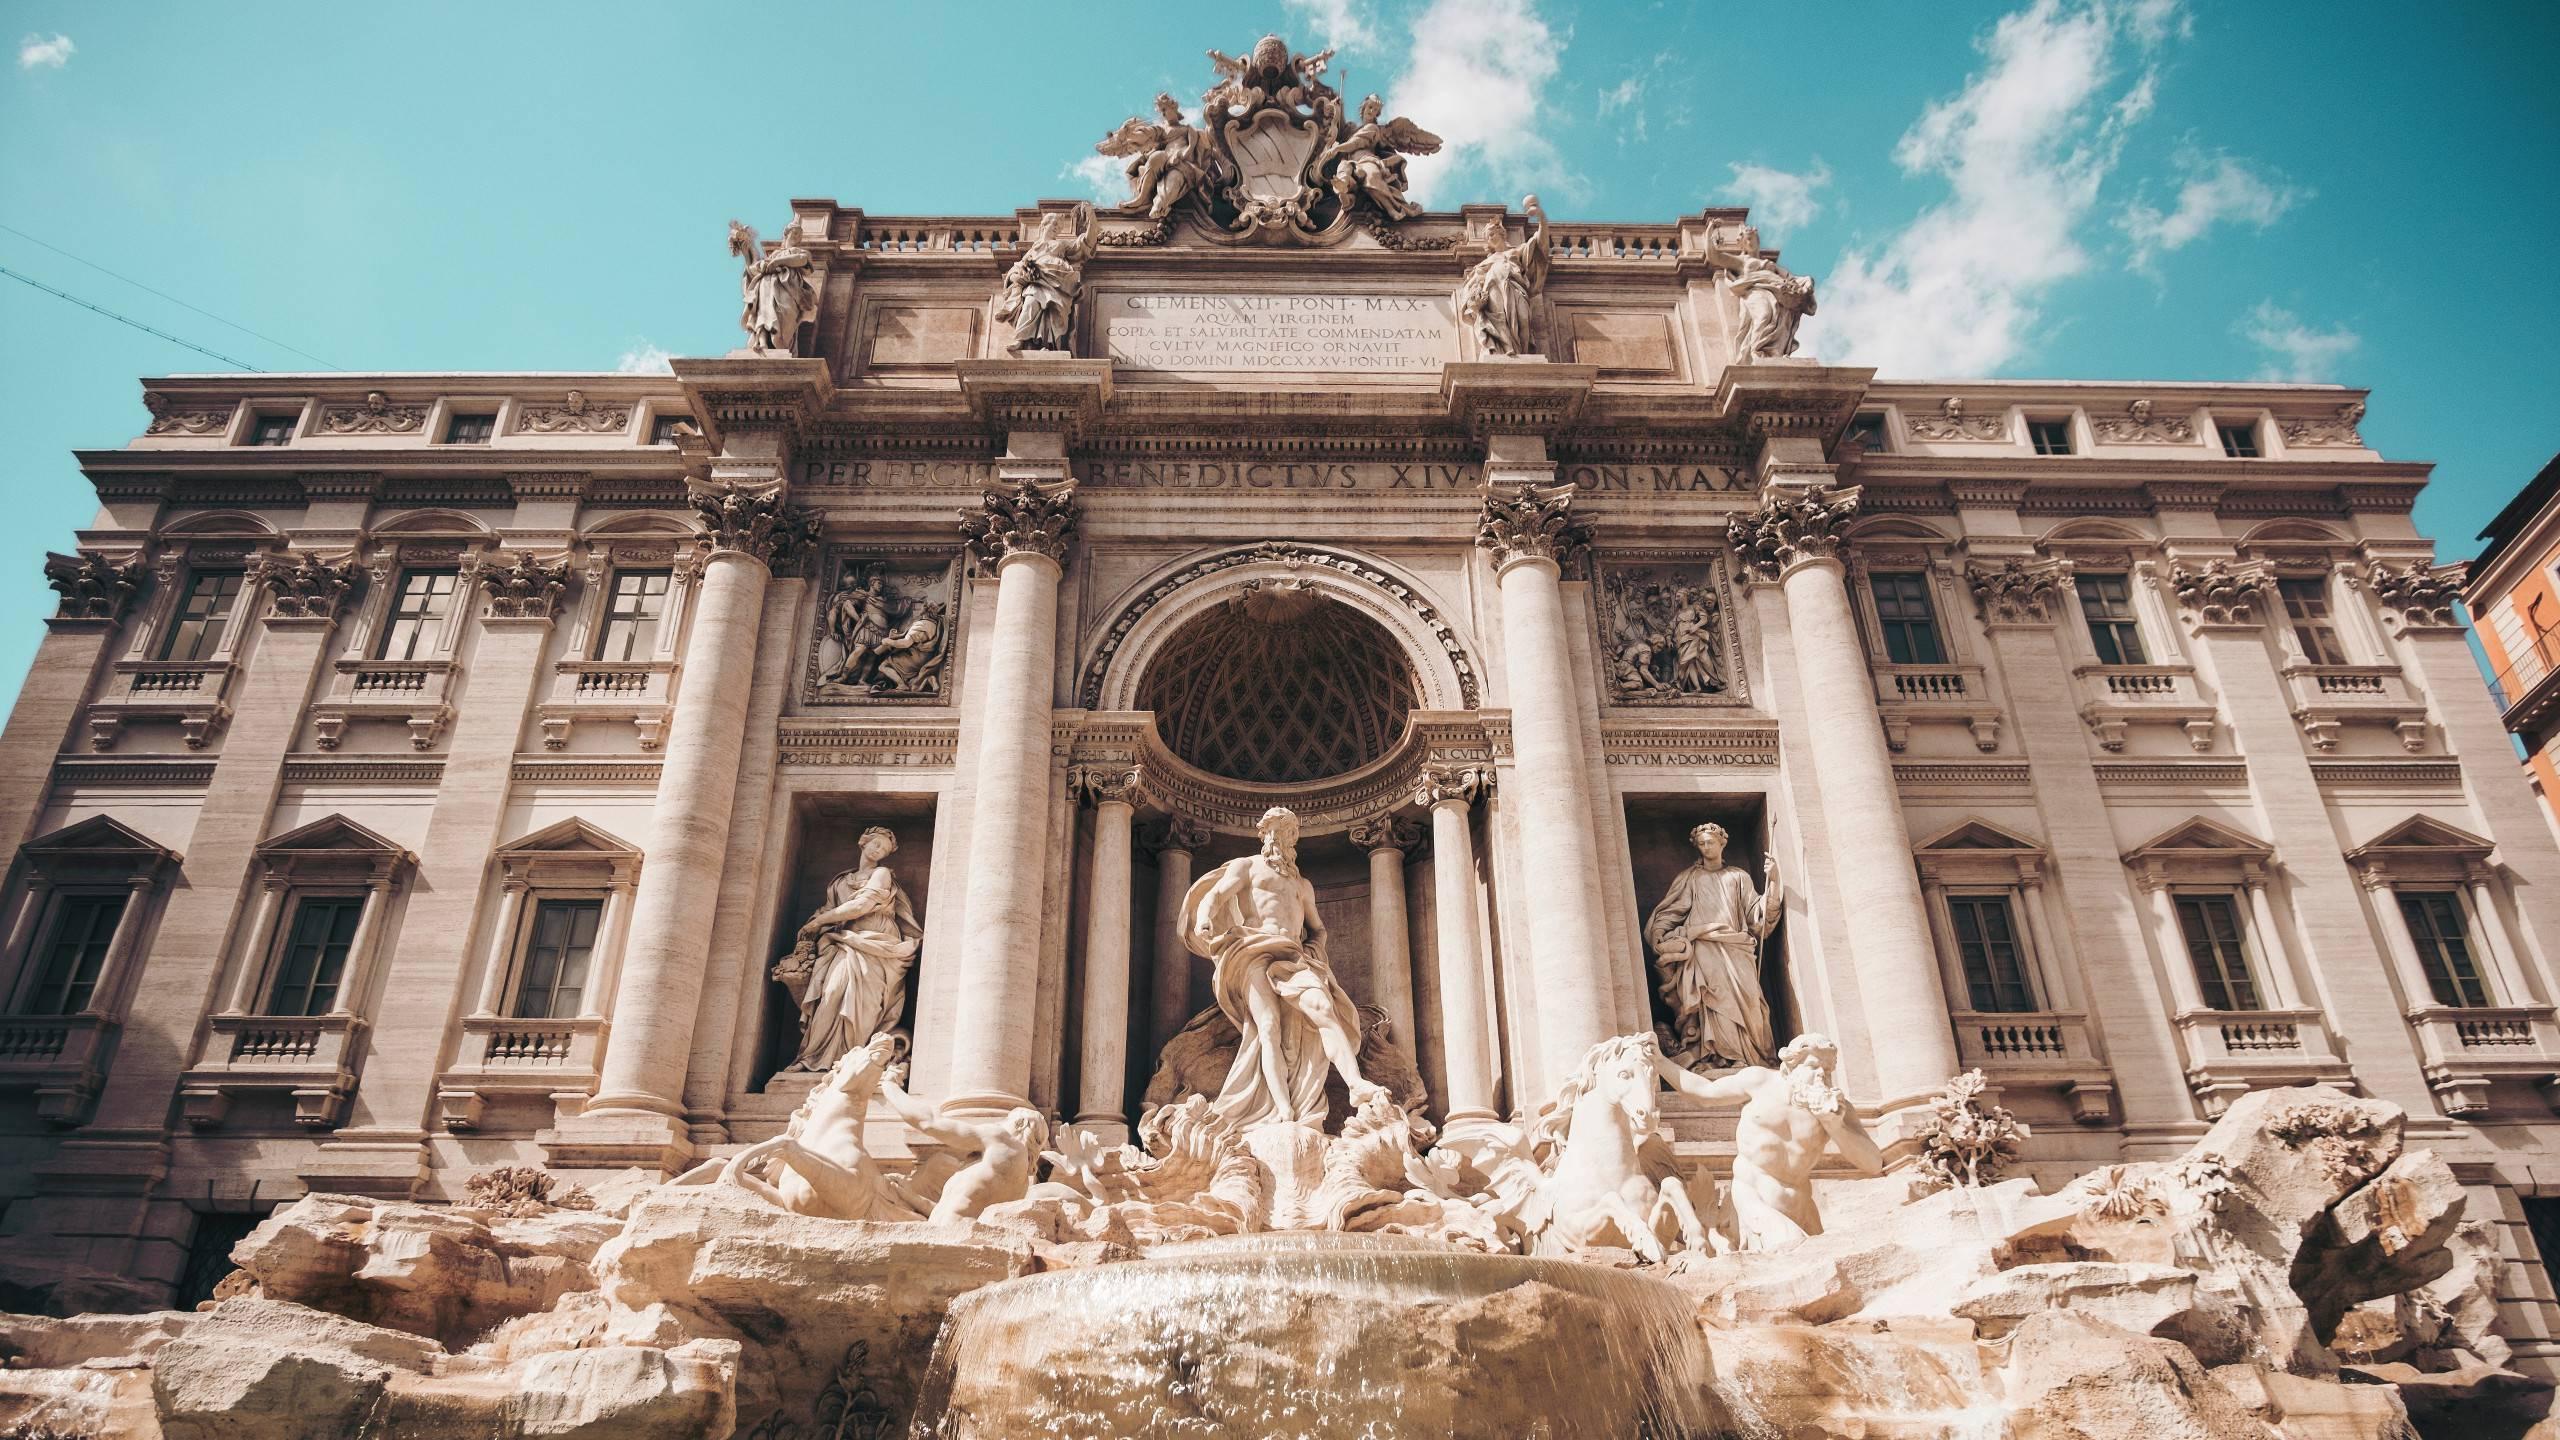 luxuryboutiquehotels-roma-659737-unsplash